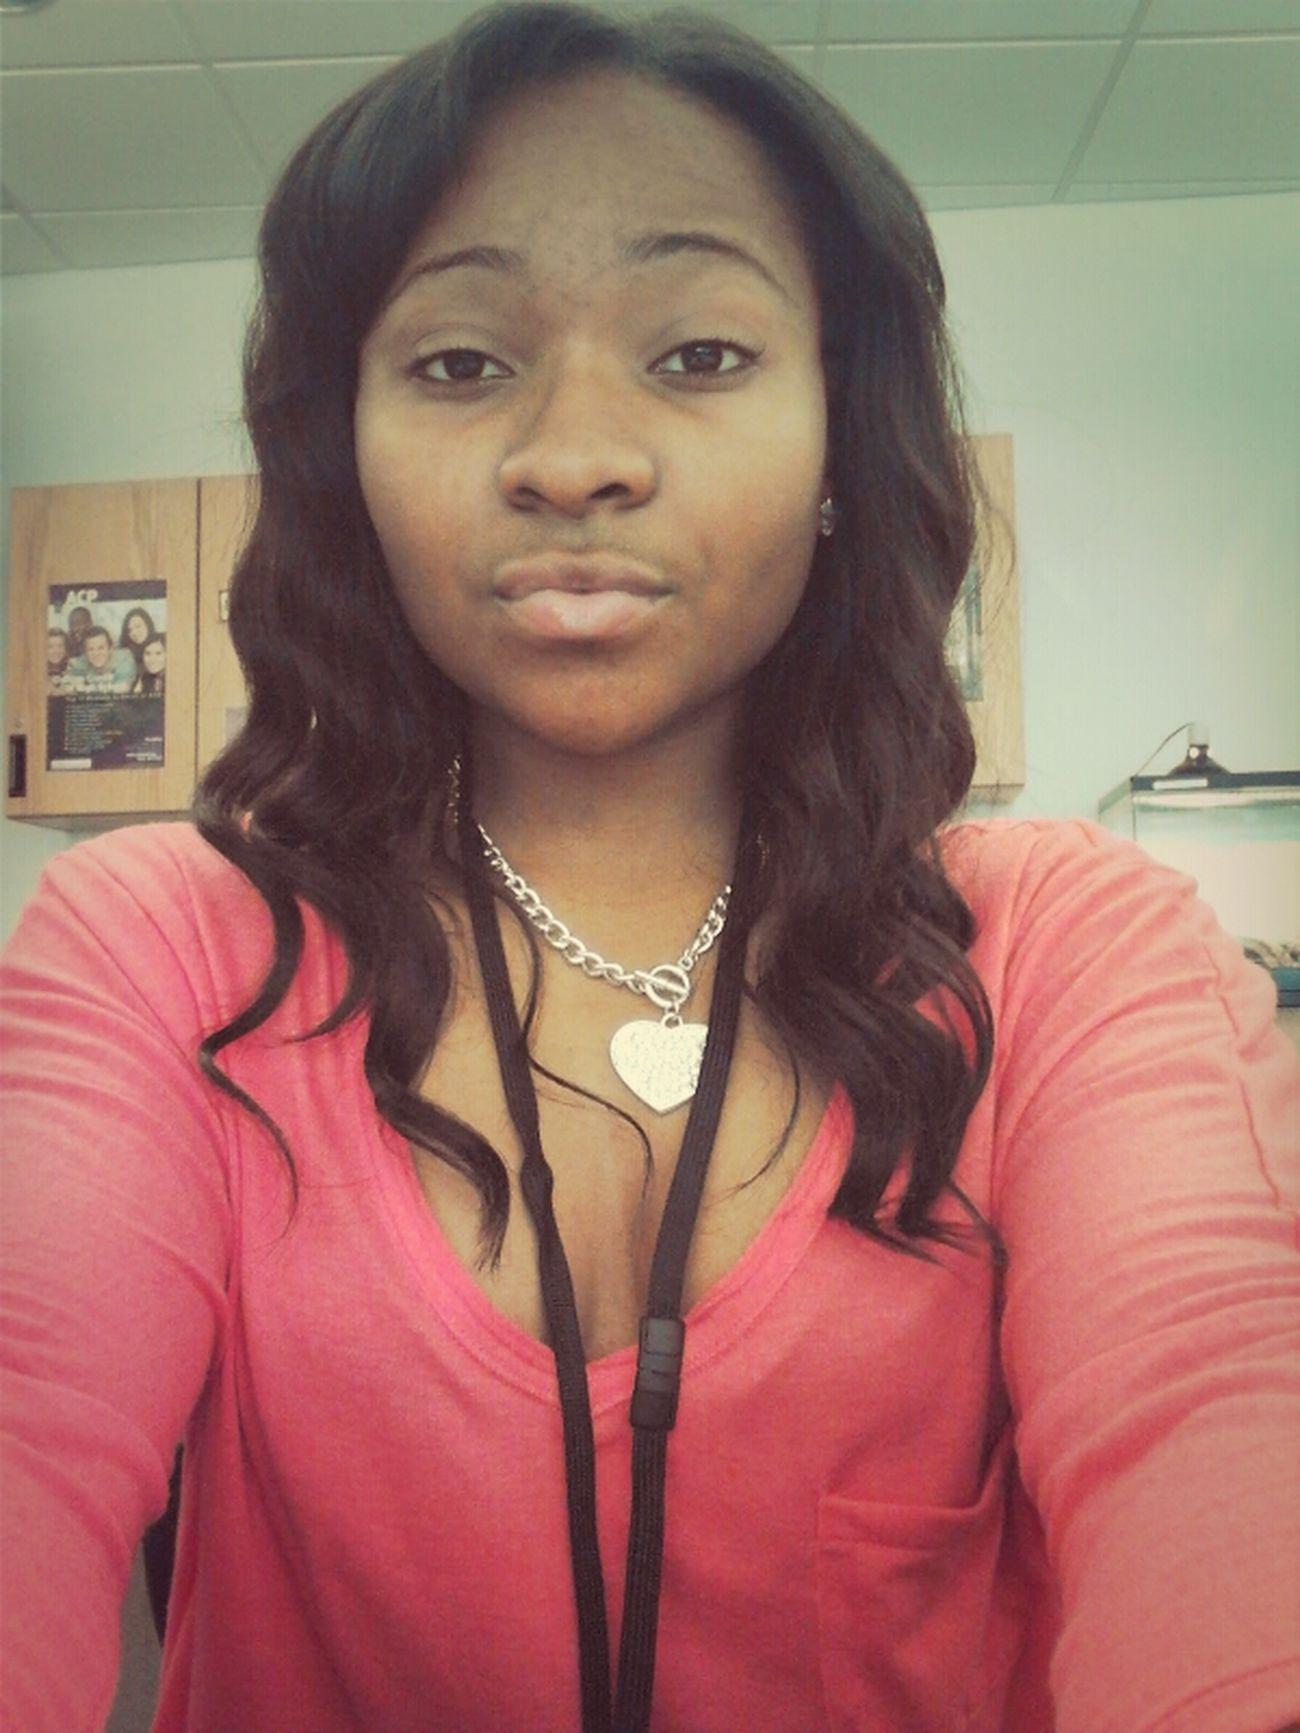 Boredd Af In Class